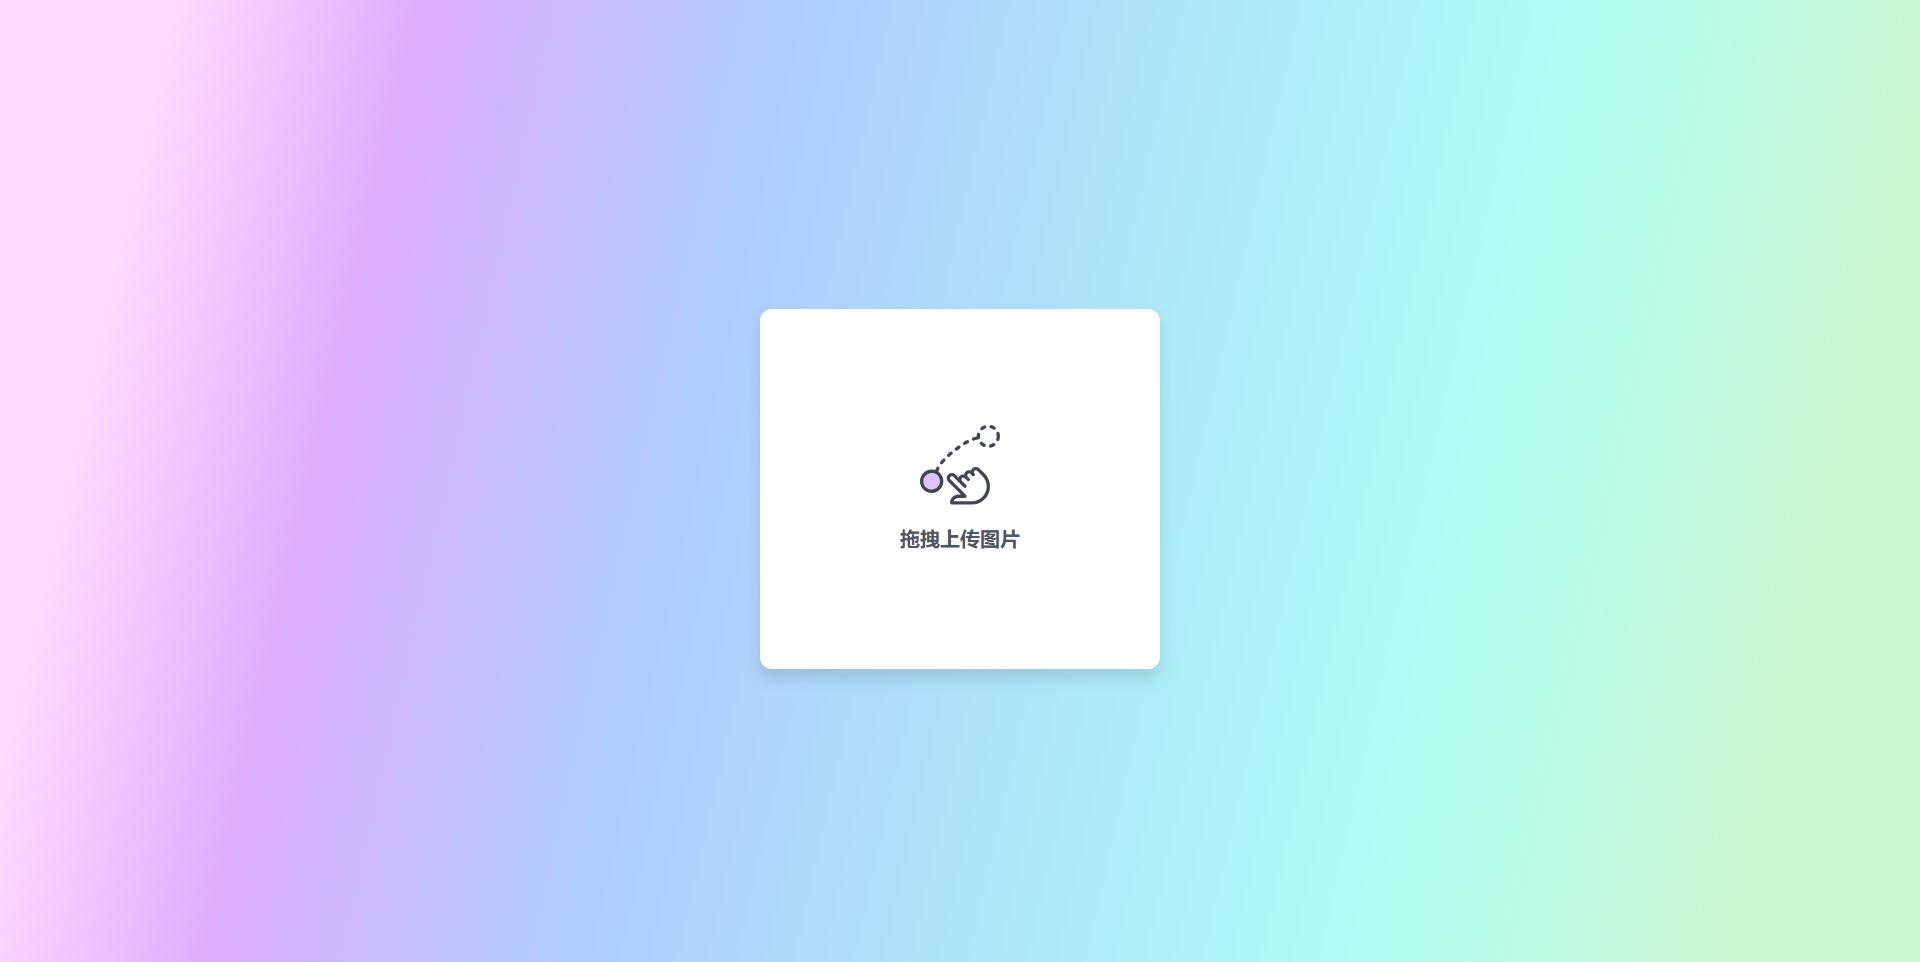 【阿里图床系统】2020最新极简响应式拖拽式阿里图床网站PHP源码-找主题源码